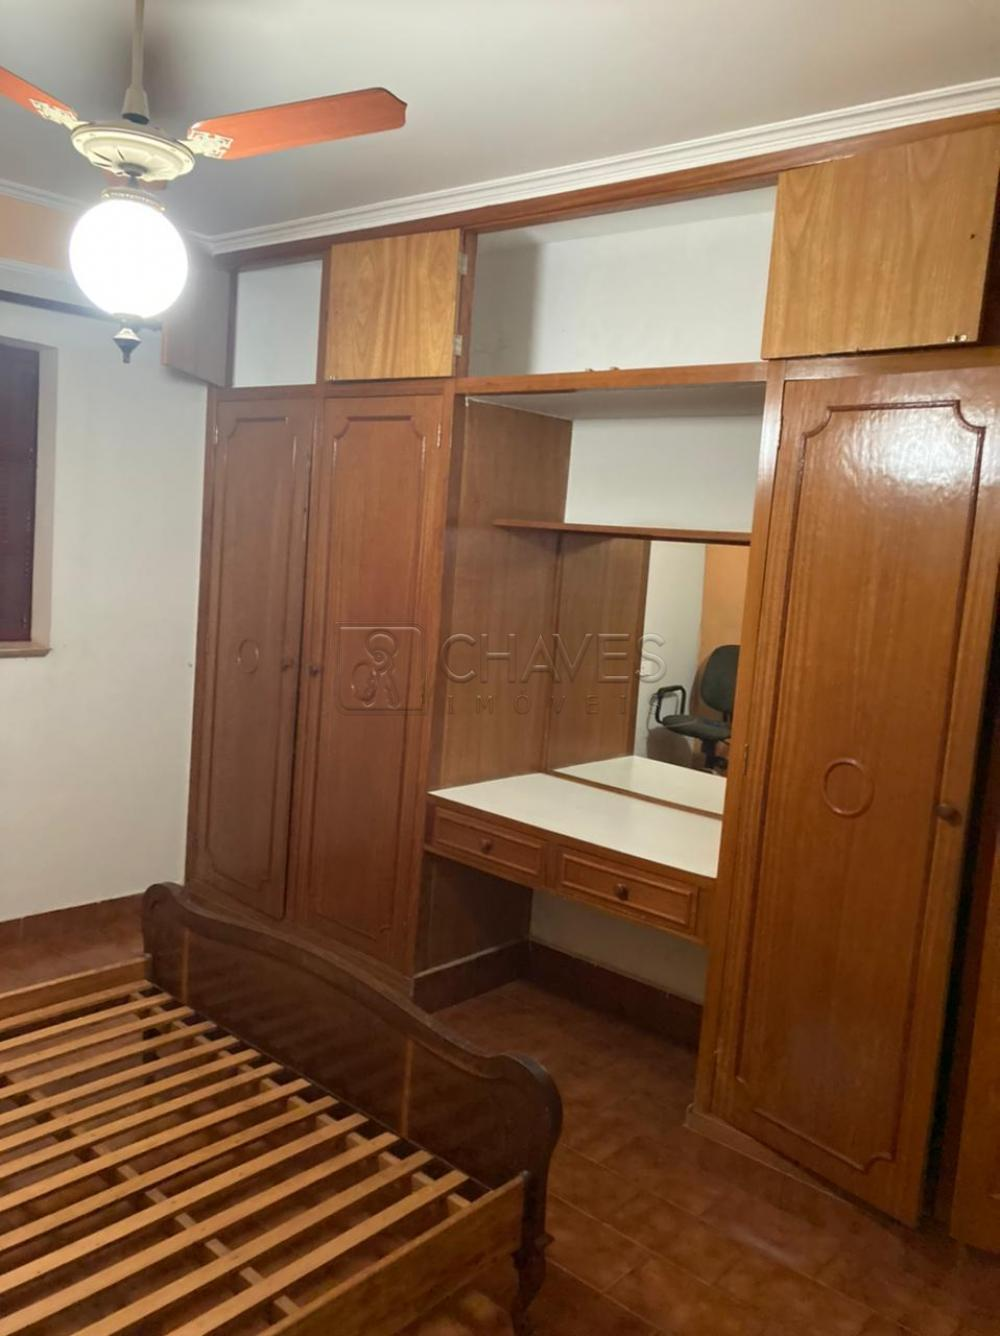 Alugar Casa / Padrão em Ribeirão Preto R$ 2.200,00 - Foto 10